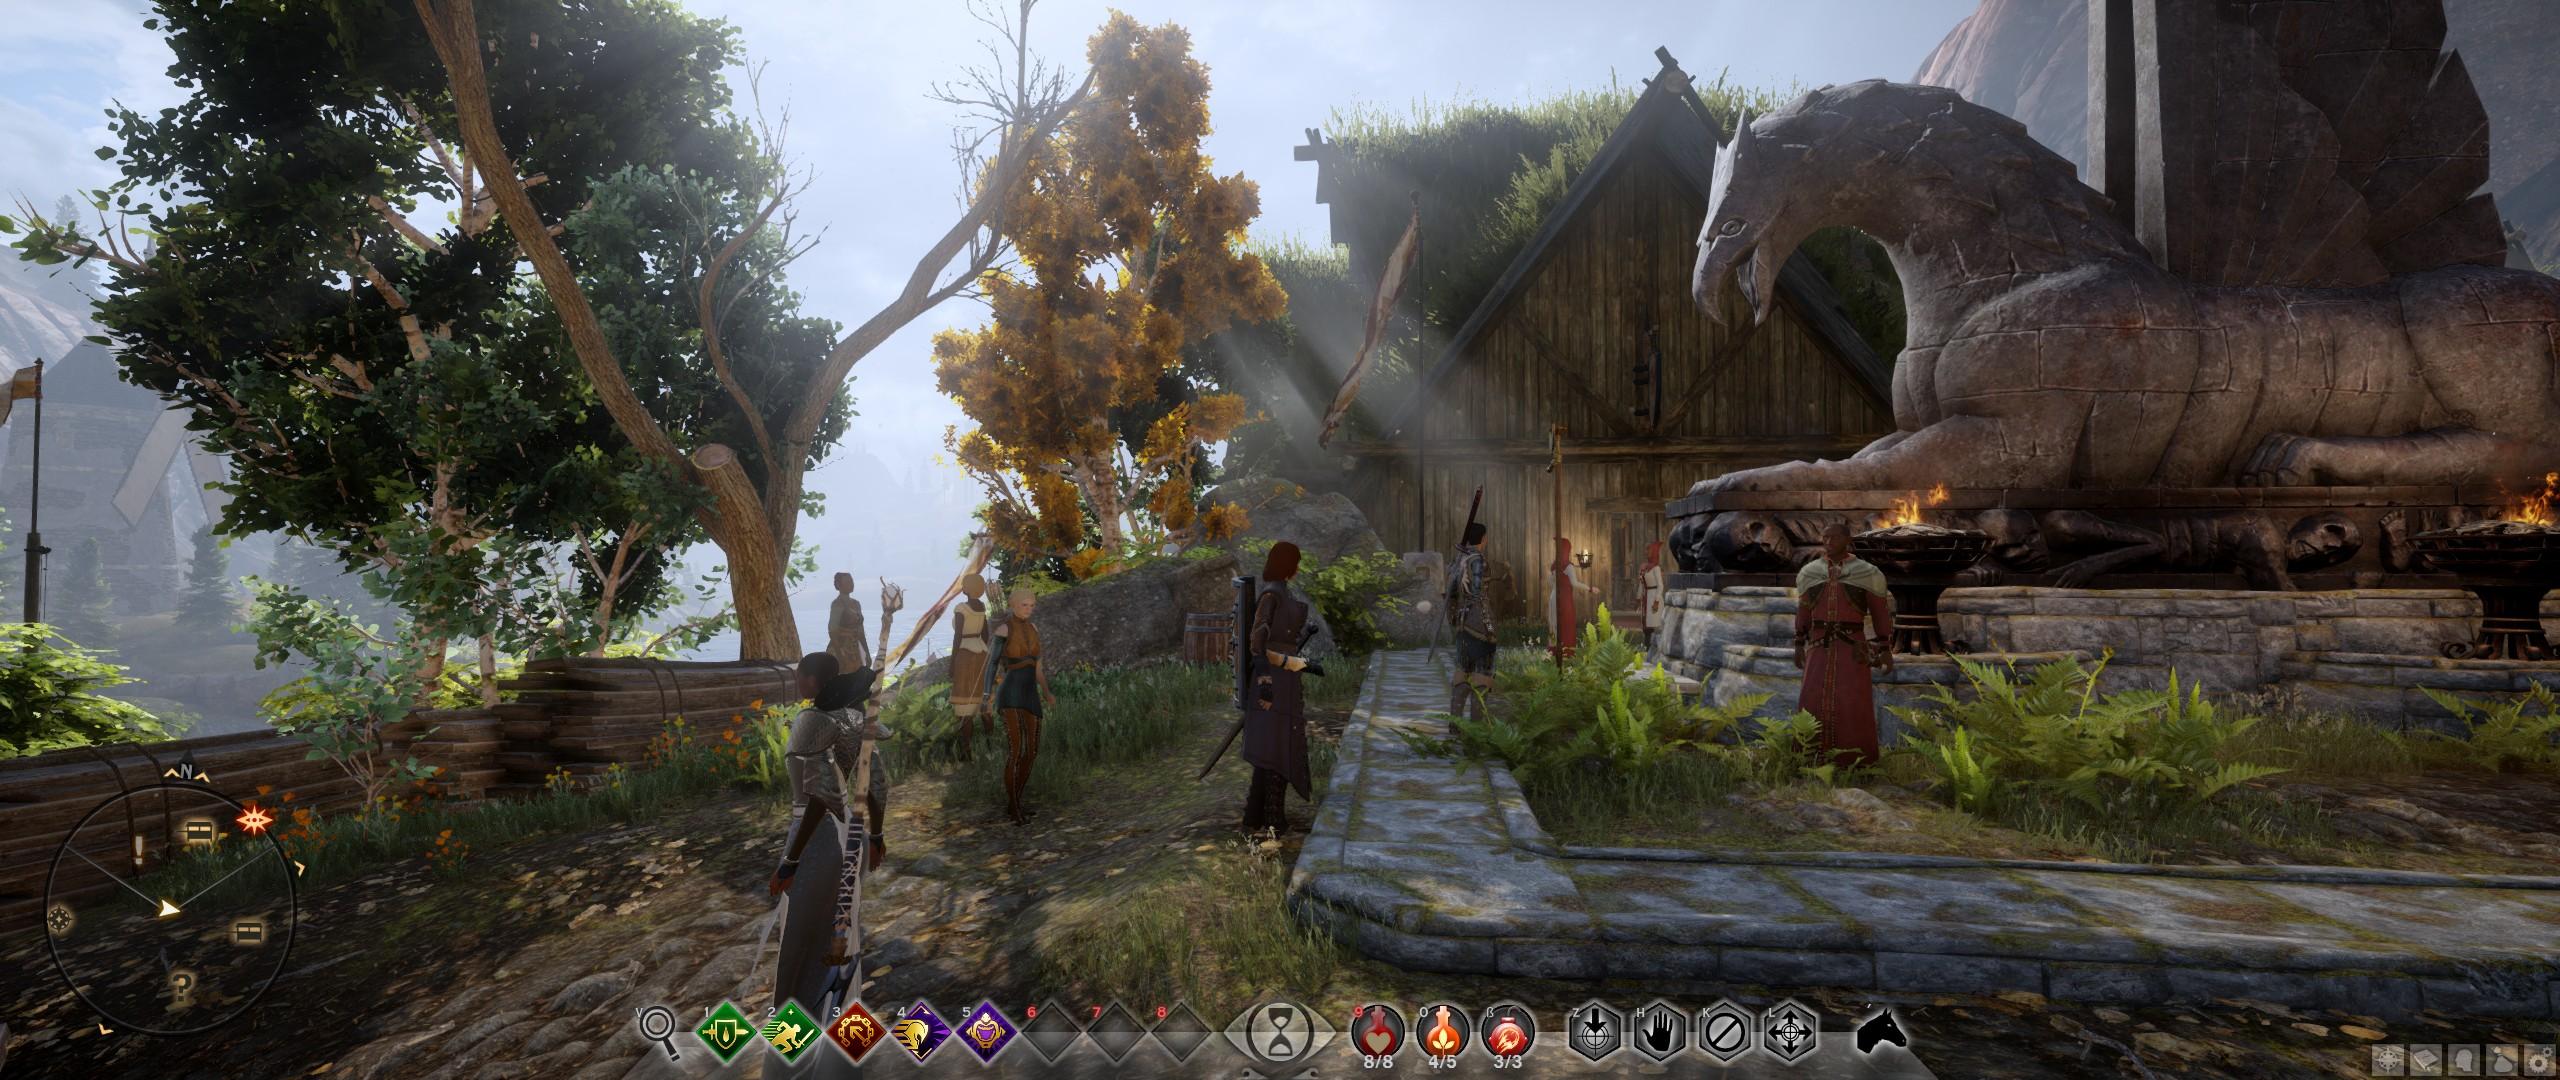 ScreenshotWin32_0022_Final